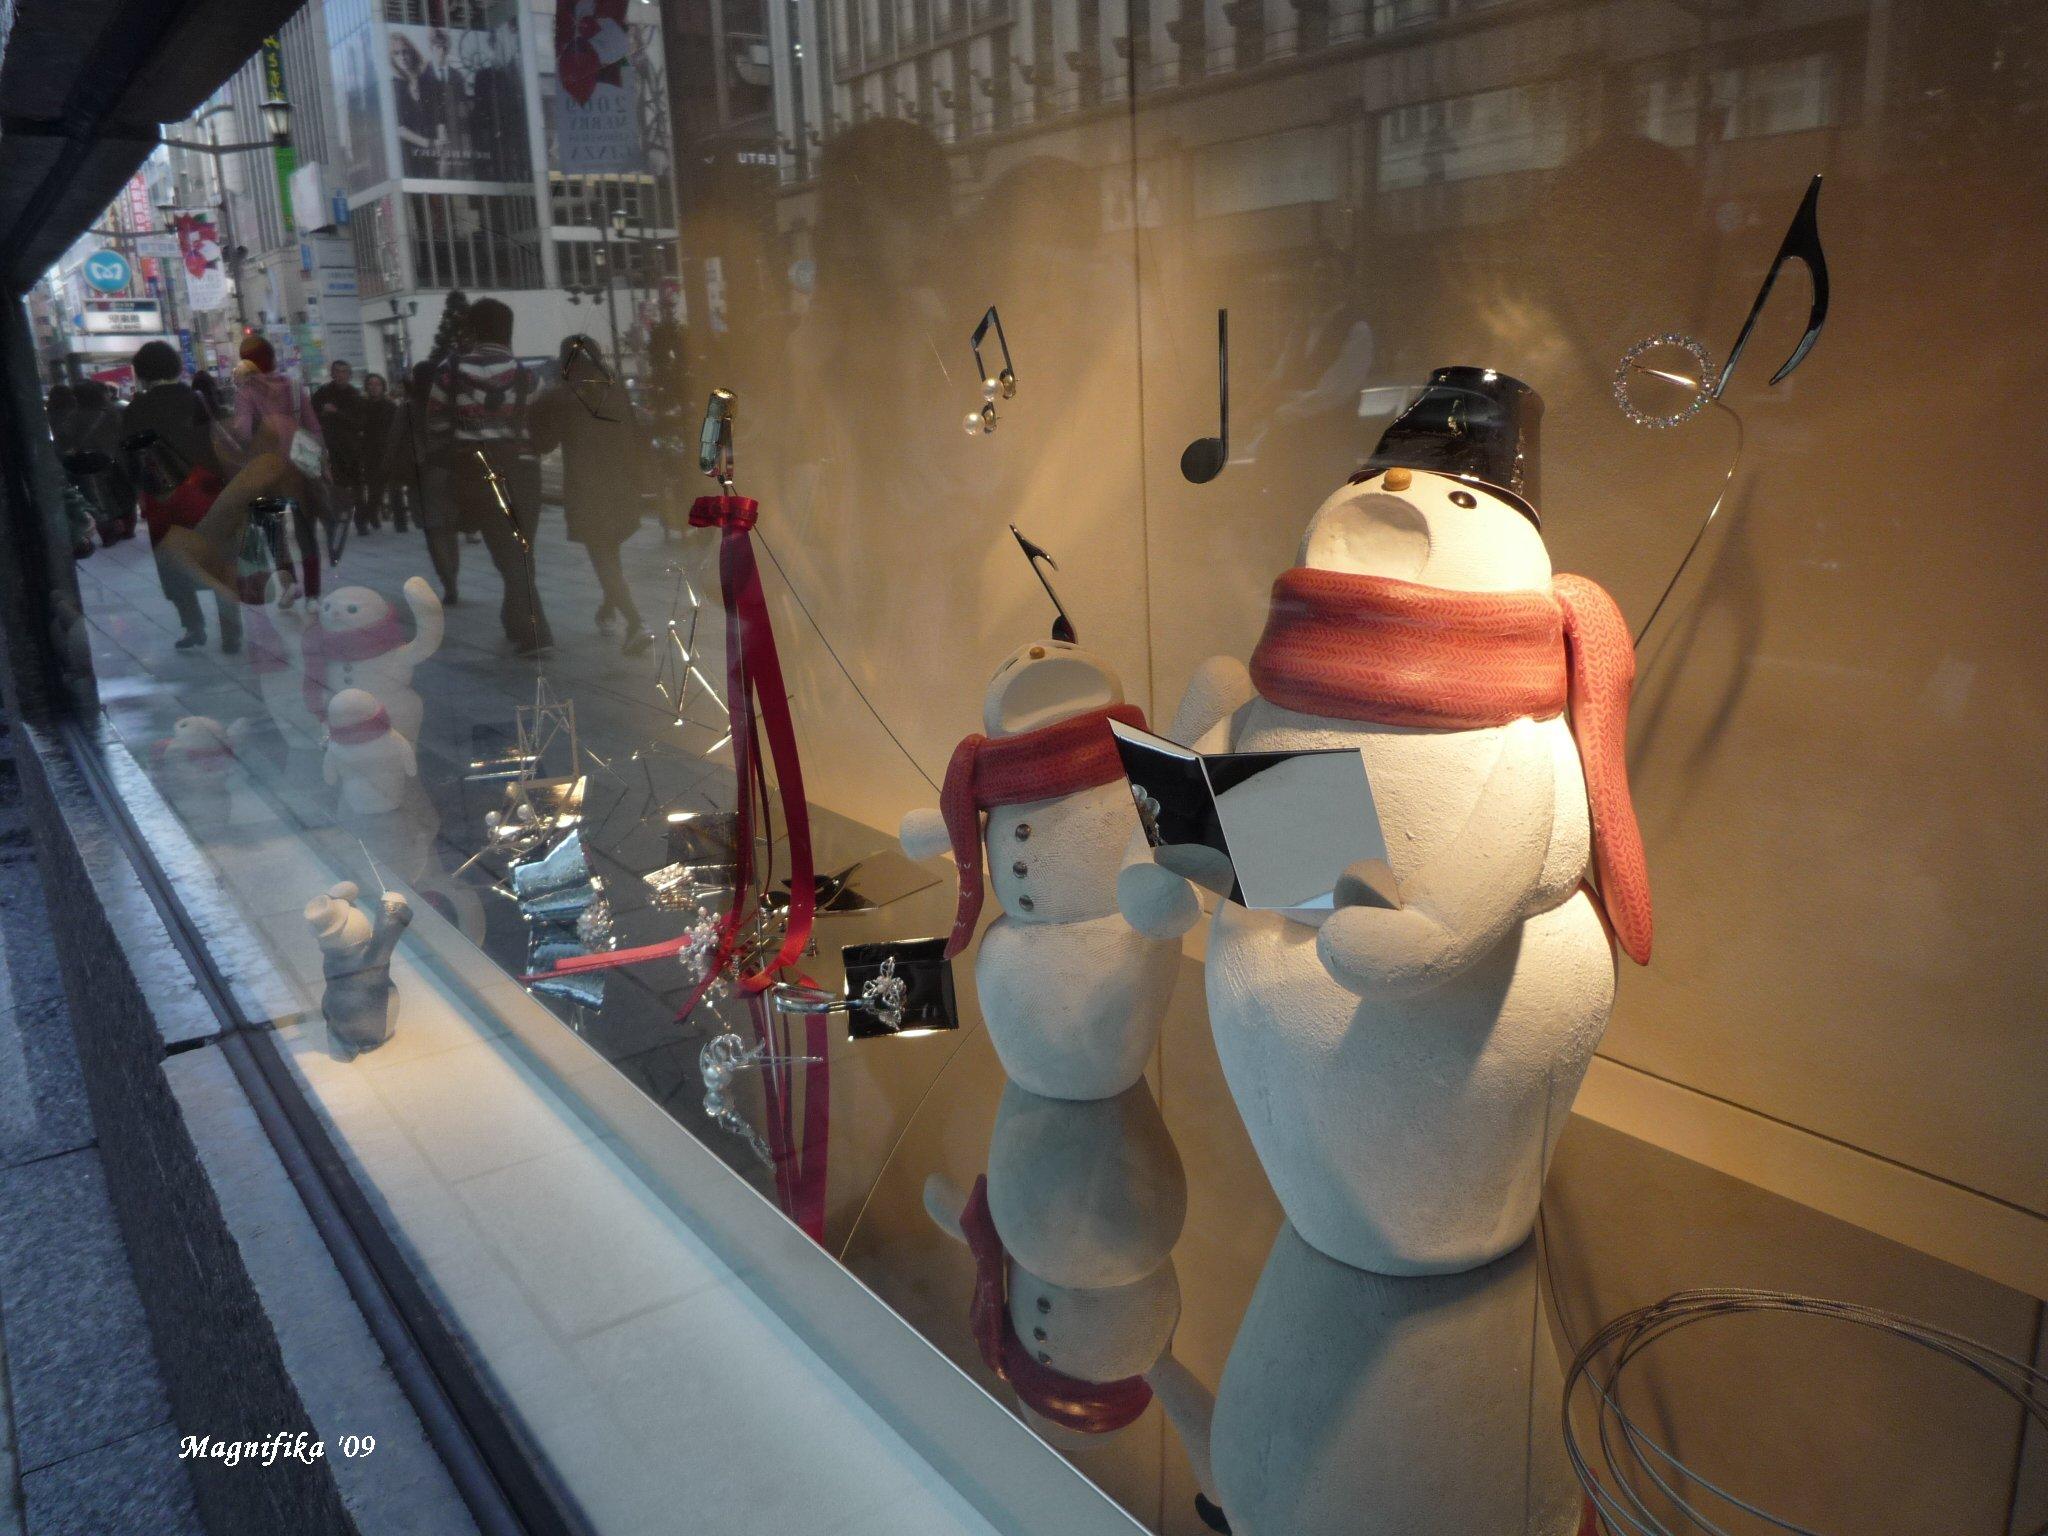 再び銀座のクリスマス Christmas Decoration Views of Ginza, Again_e0140365_20461640.jpg